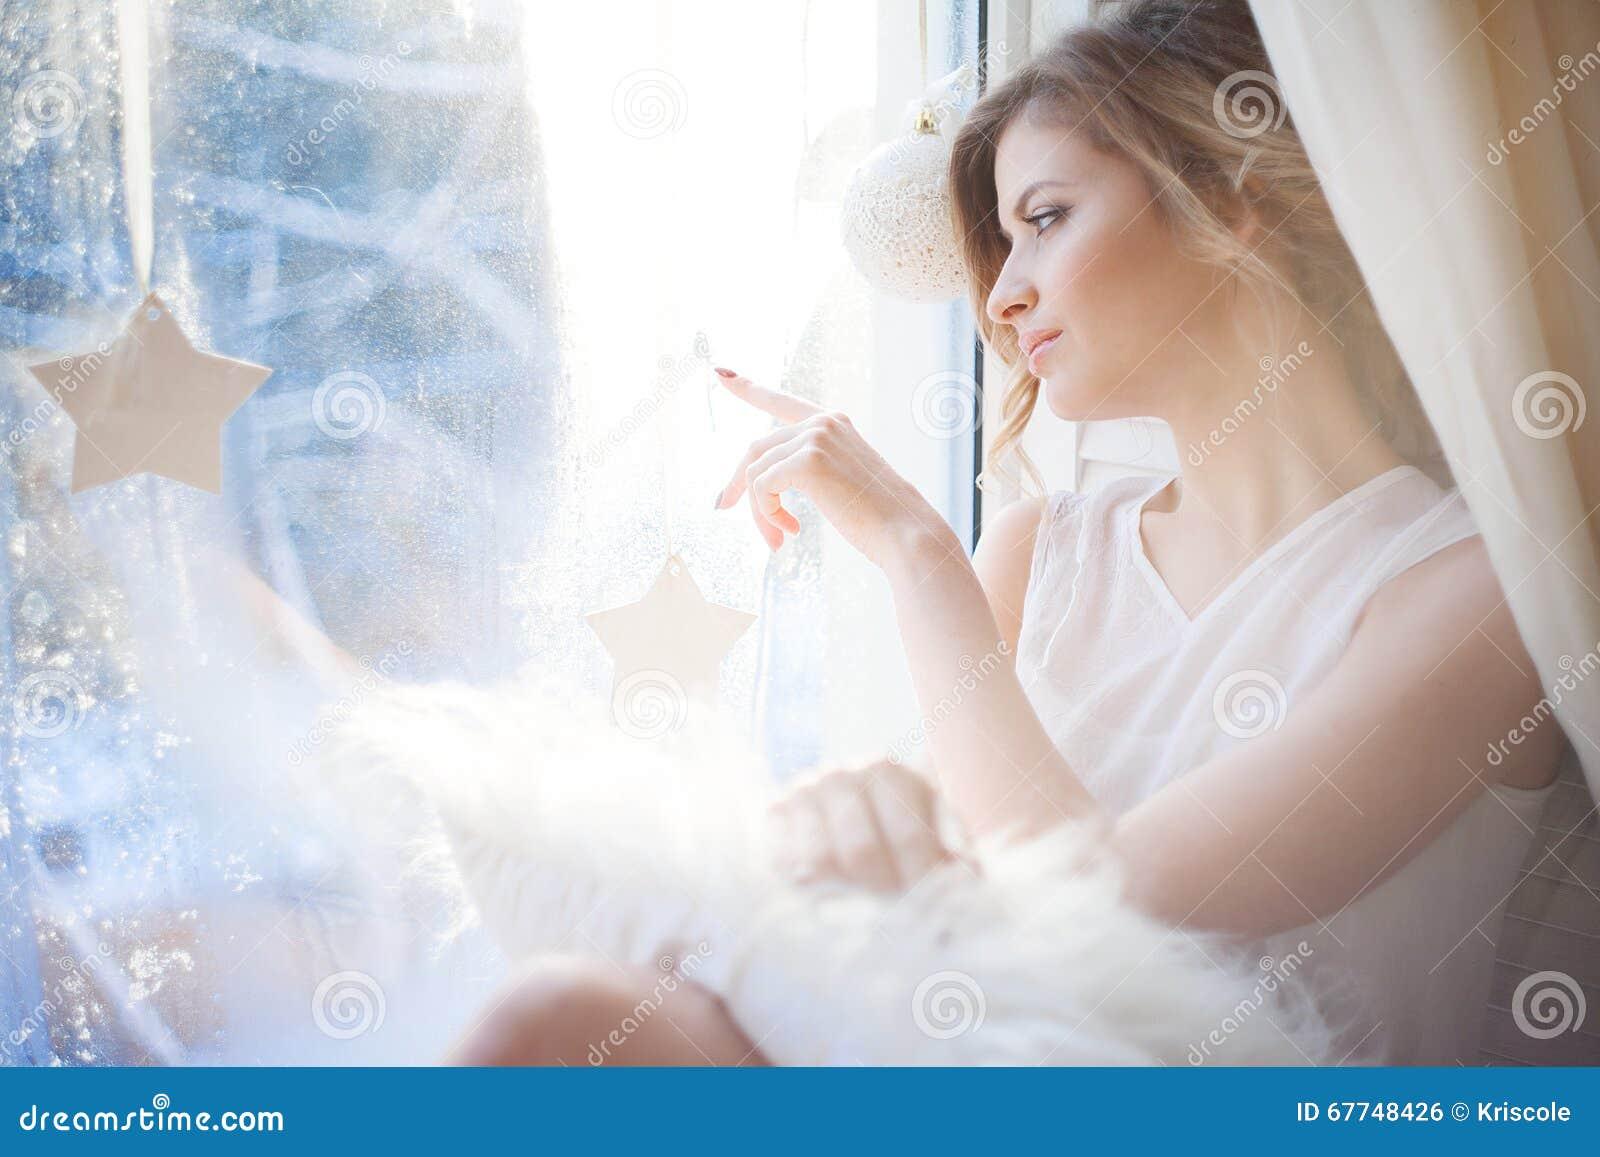 Schönheit mit neuem täglichem Make-up und romantischen gewellten der Frisur, sitzend am Fensterbrett, zeichnet auf Glas